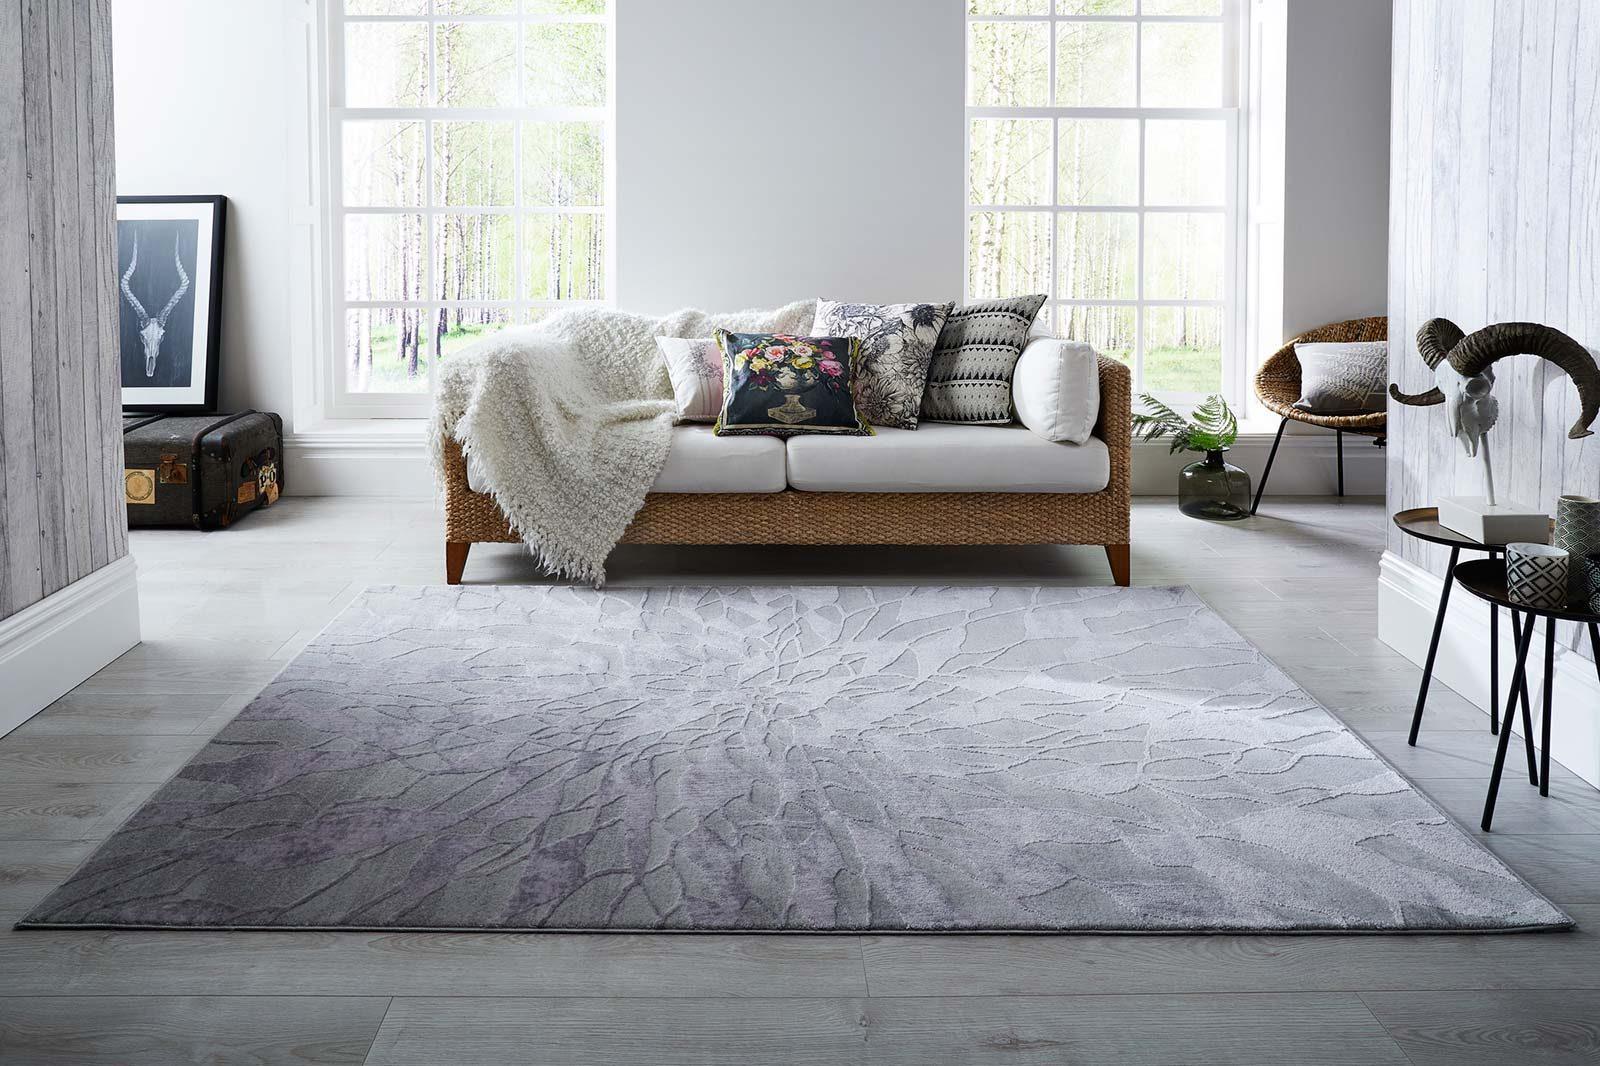 Luxmi Rugs Alpaca Suri Grey interior